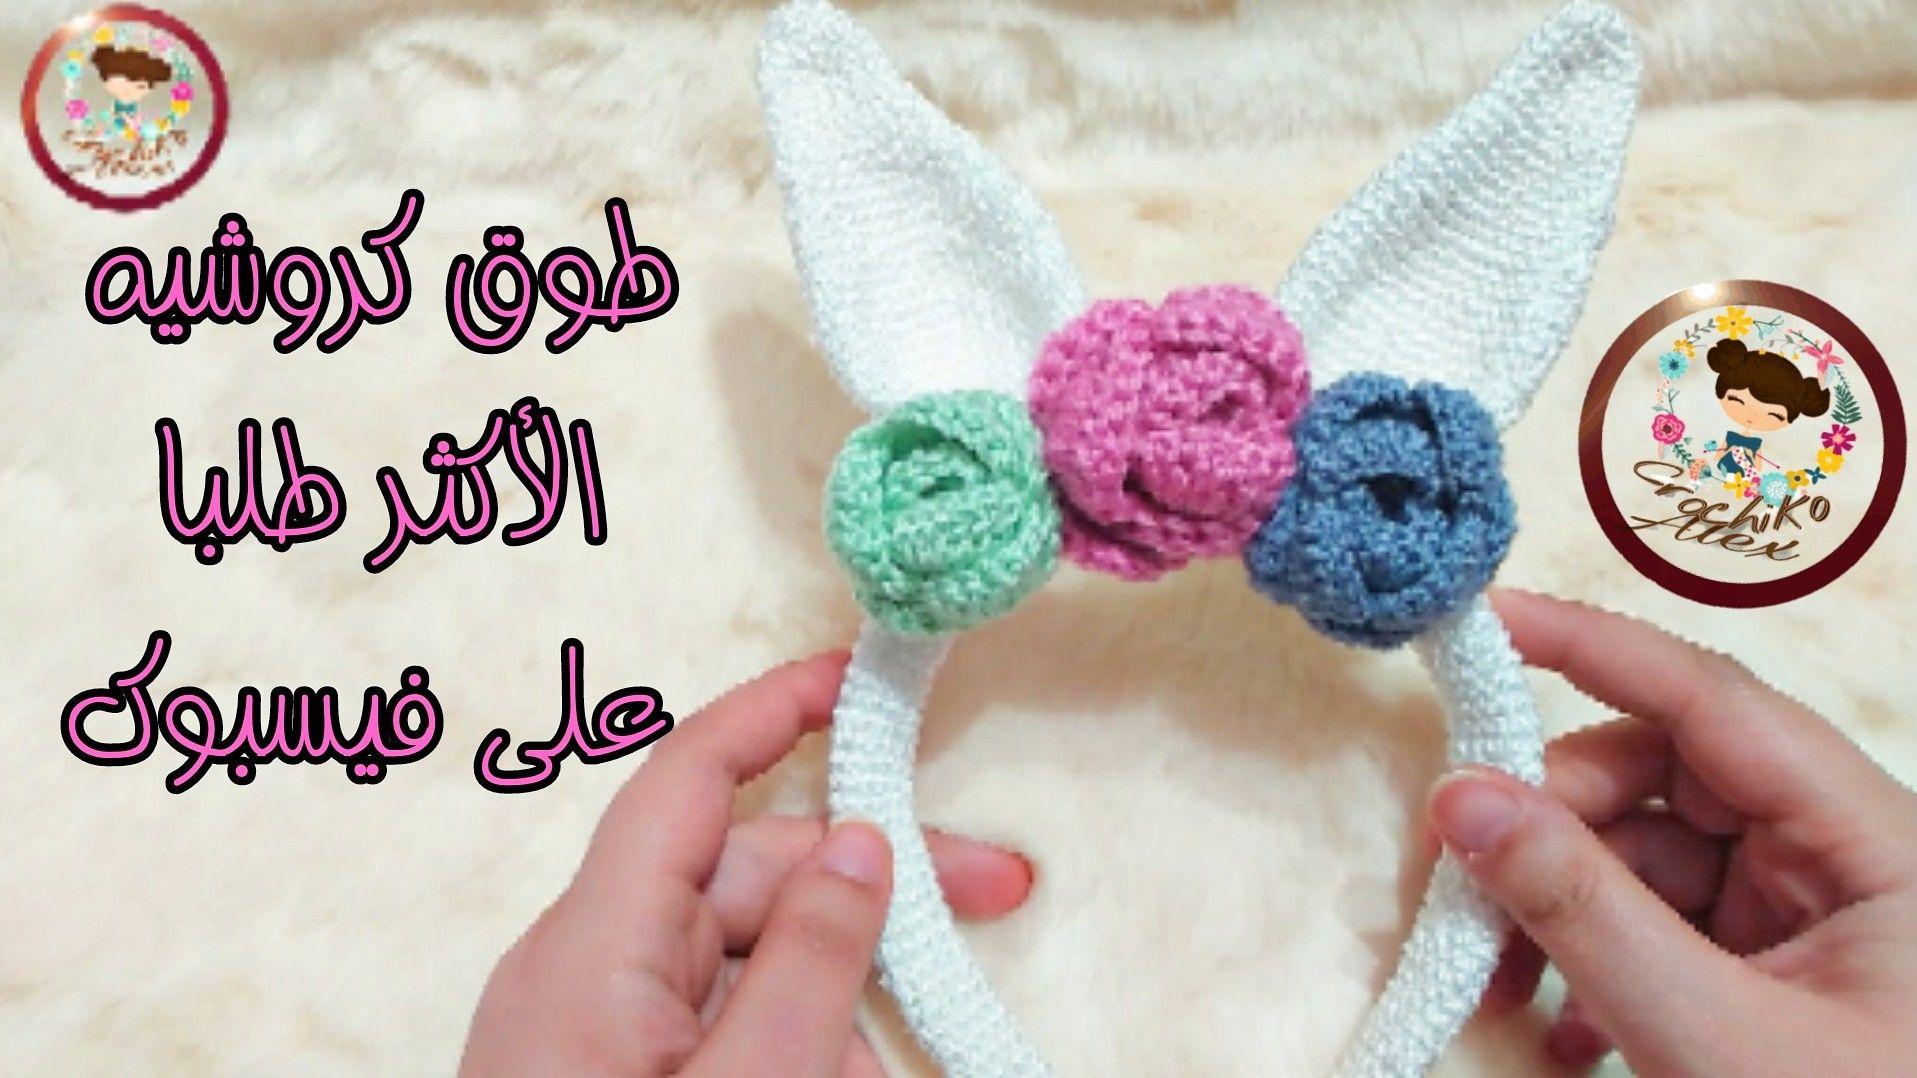 طوق كروشيه Crochet Coaster Pattern Crochet Coasters Crochet Necklace